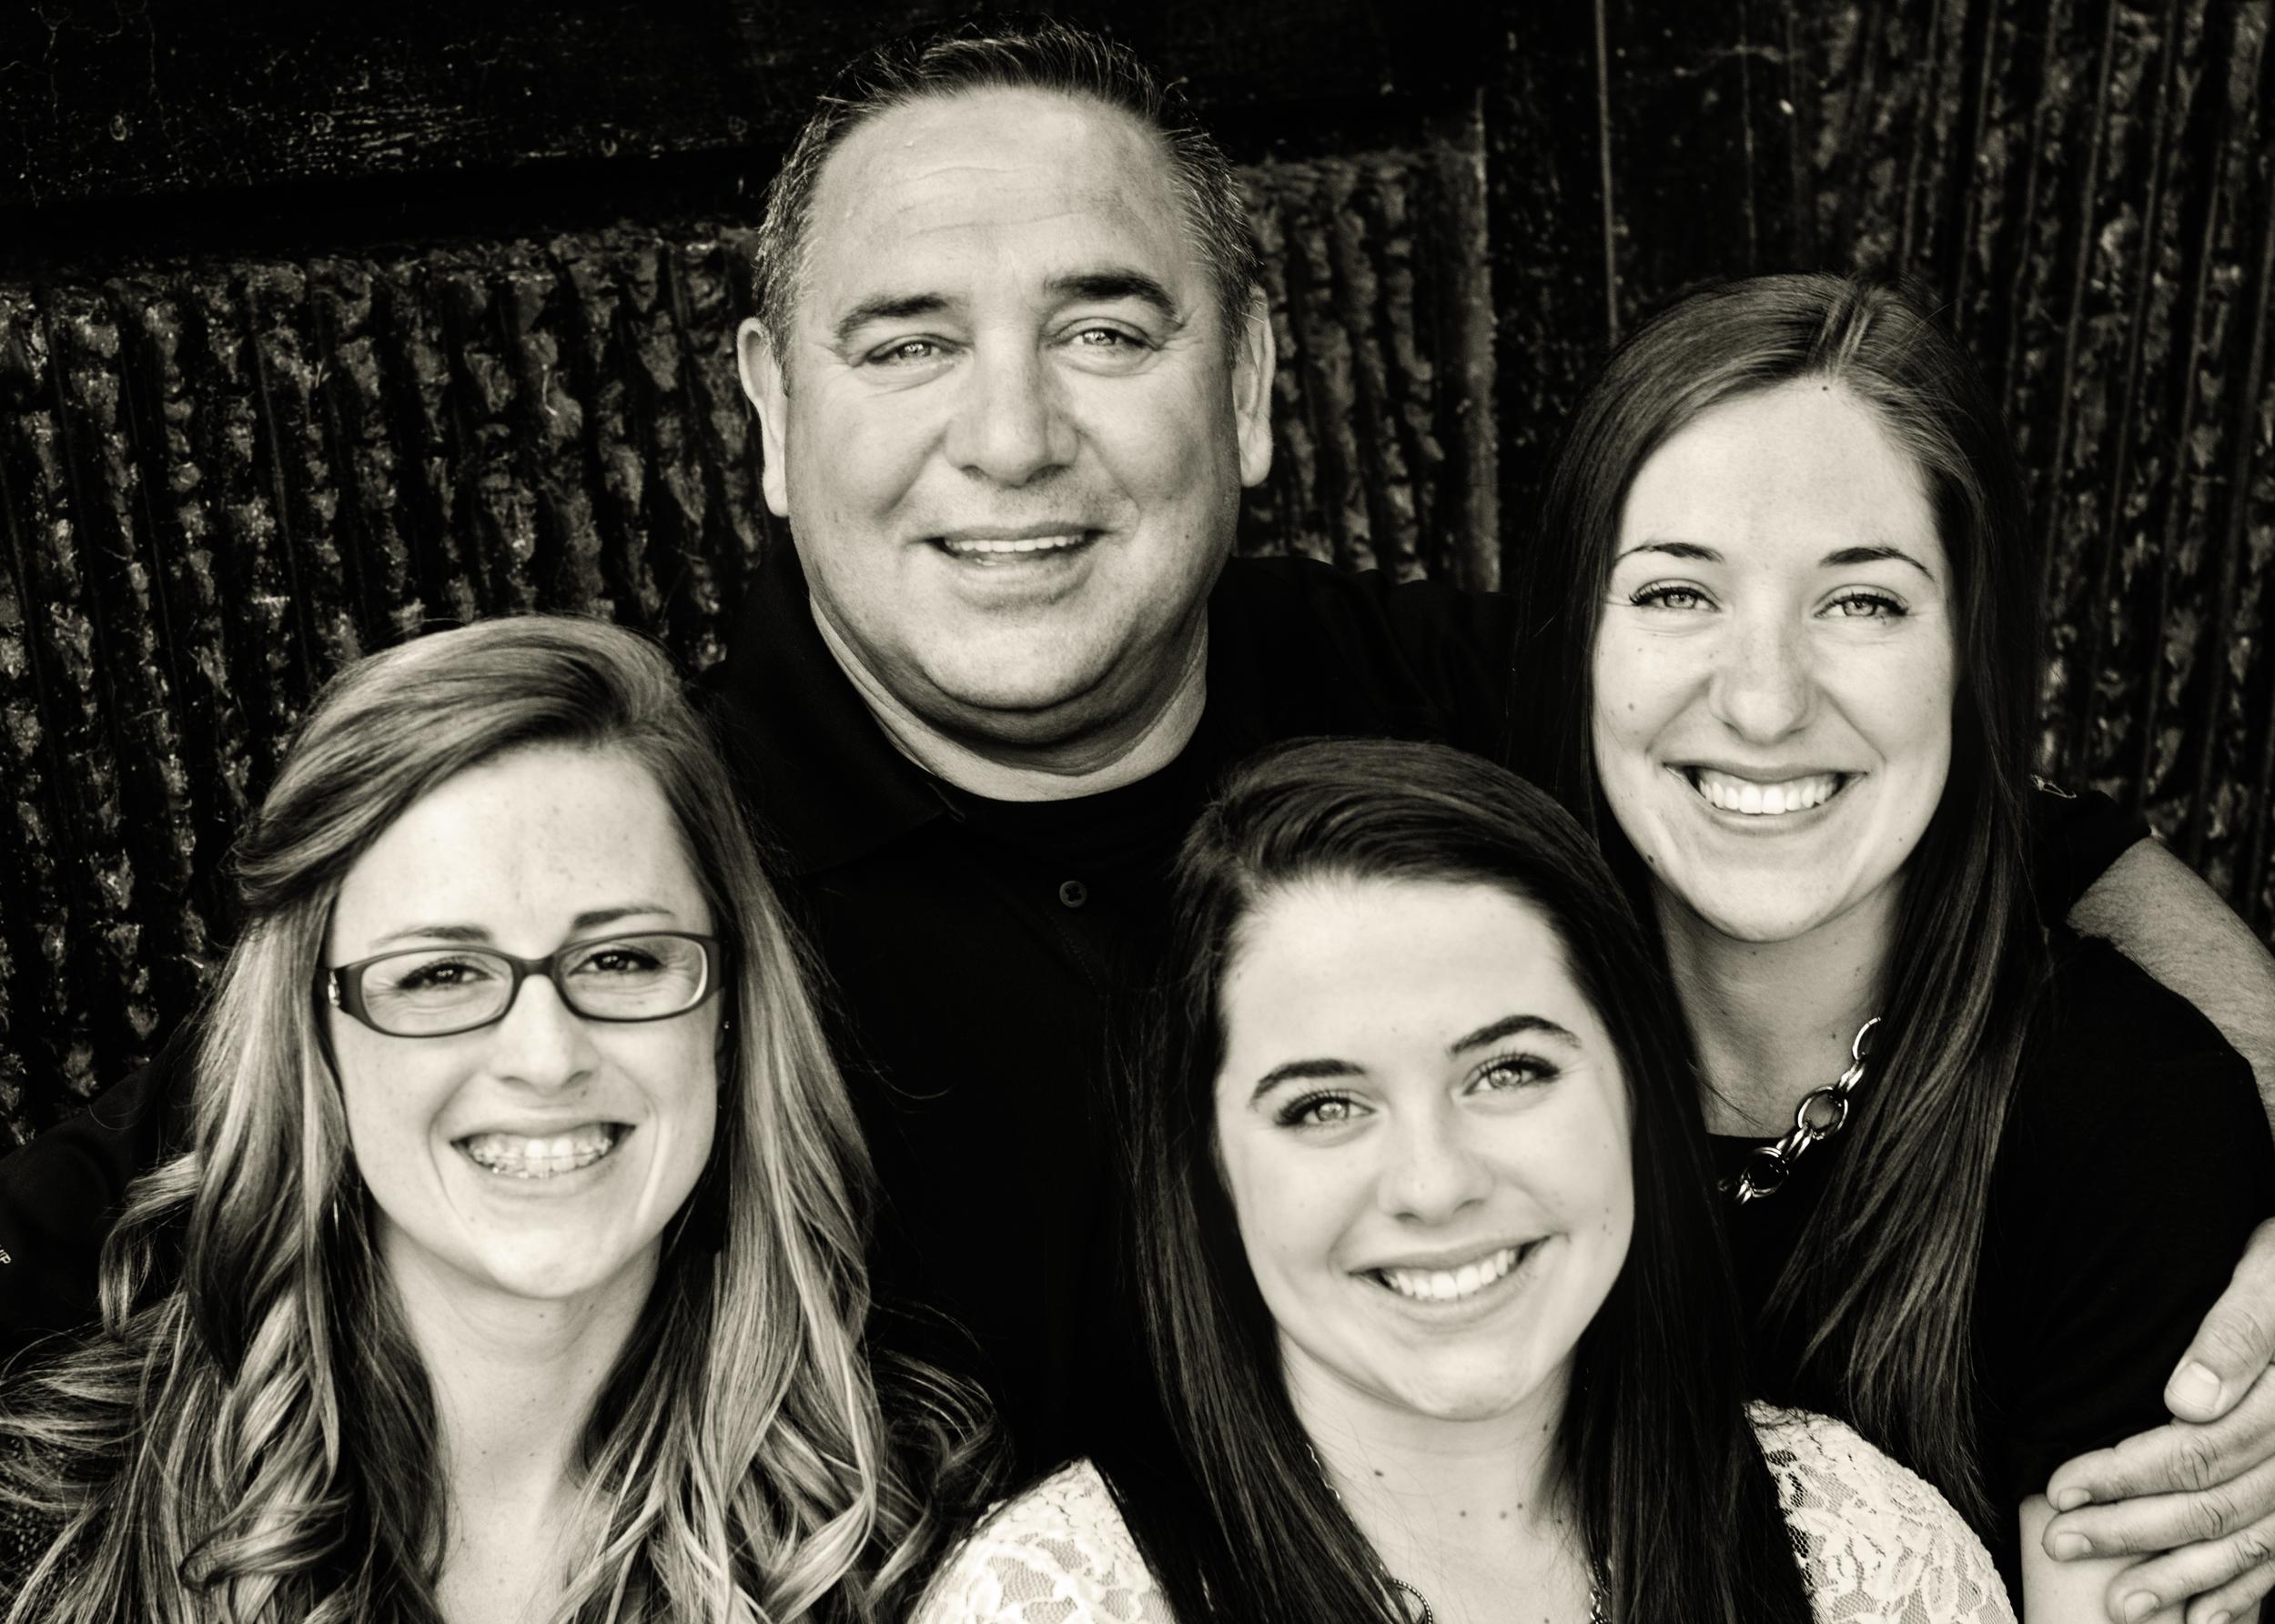 Ray Family Photos-Bob and girls vanilla.jpg